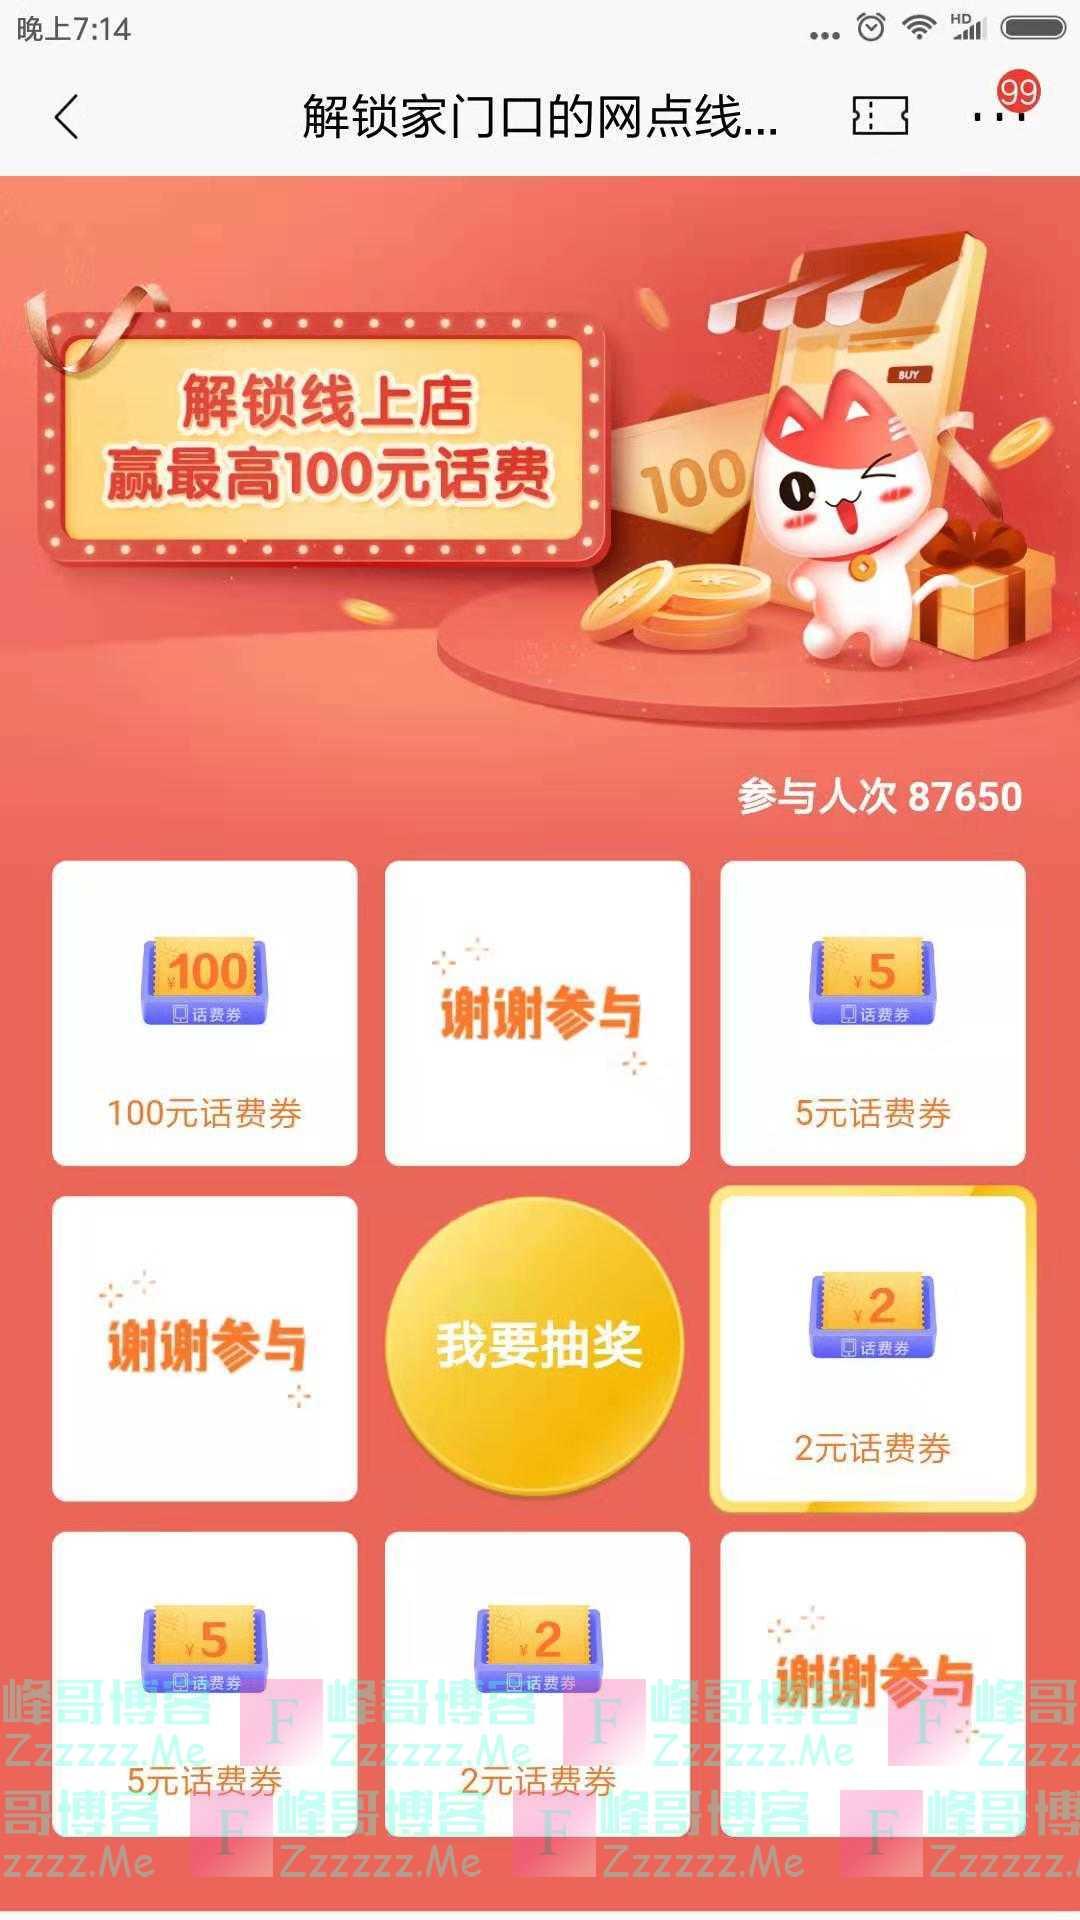 招行解锁家门口的线上店赢百元话费(截止2月15日)